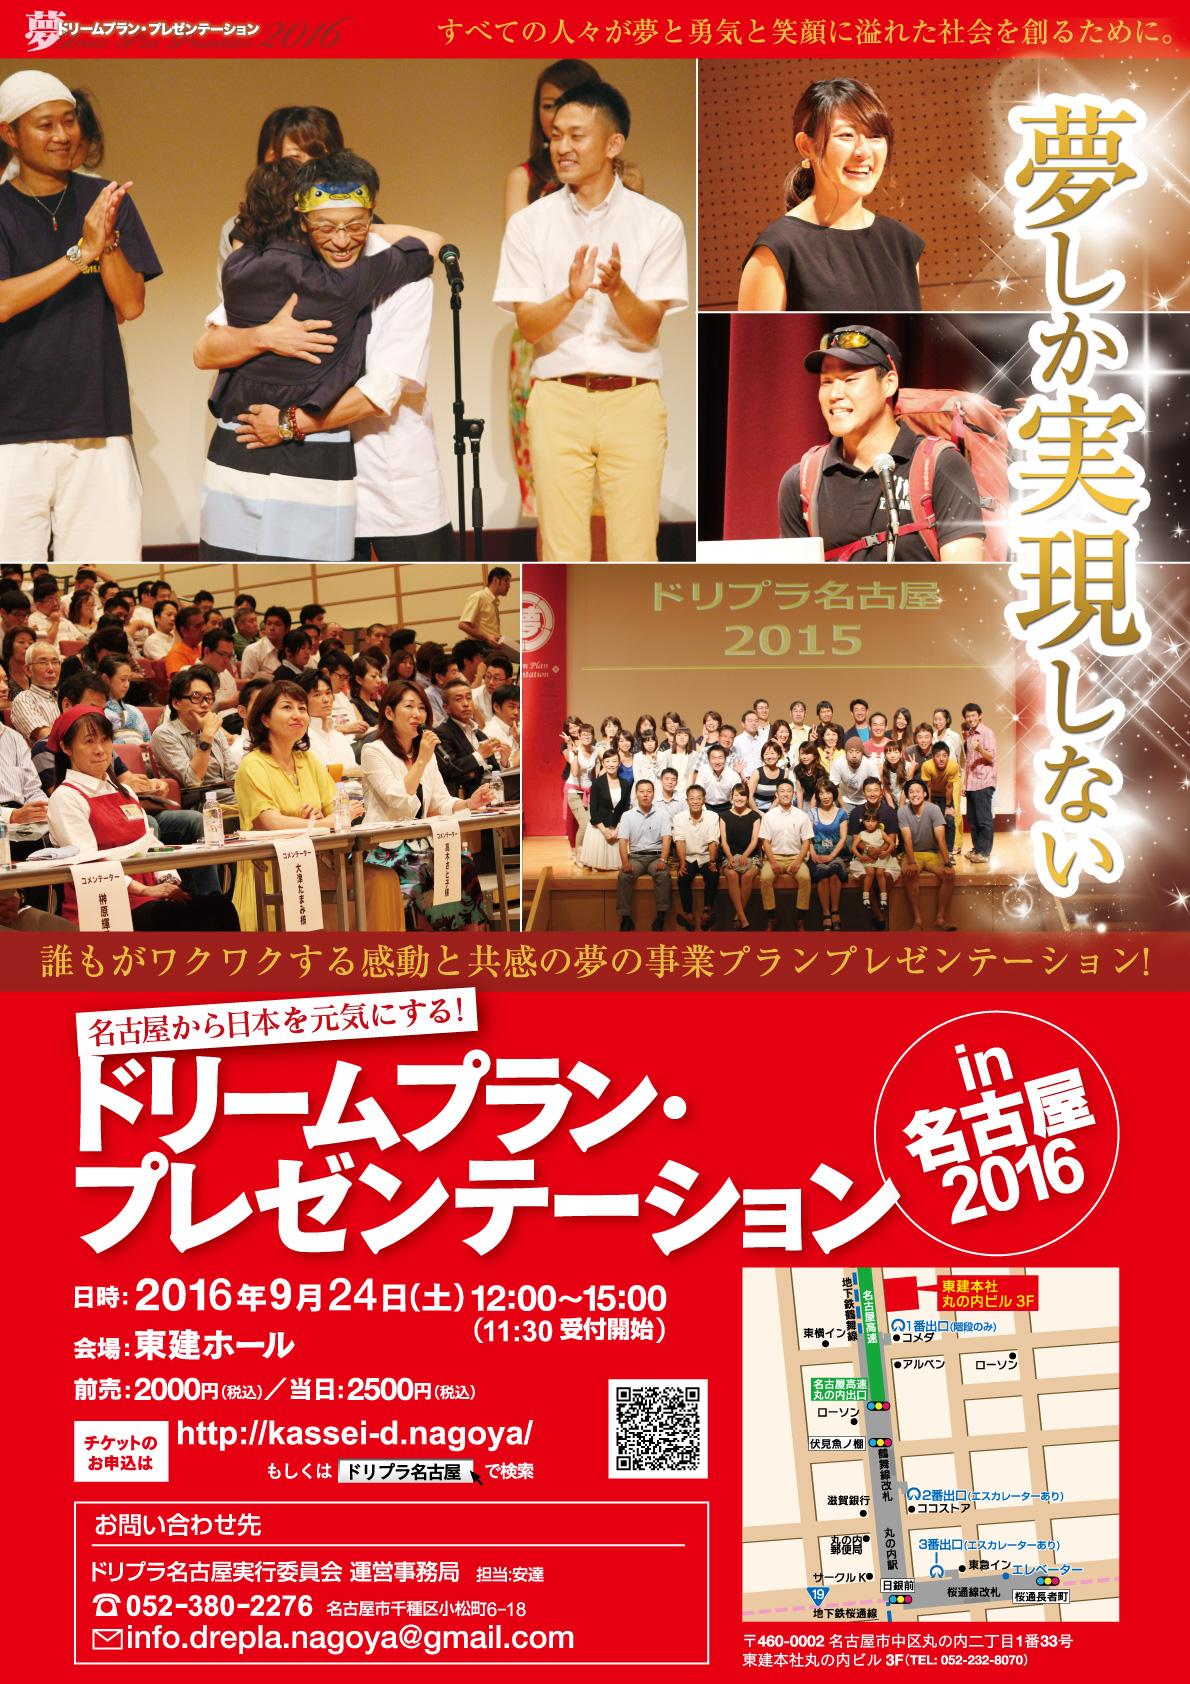 名古屋ドリームプランプレゼンテーション2016